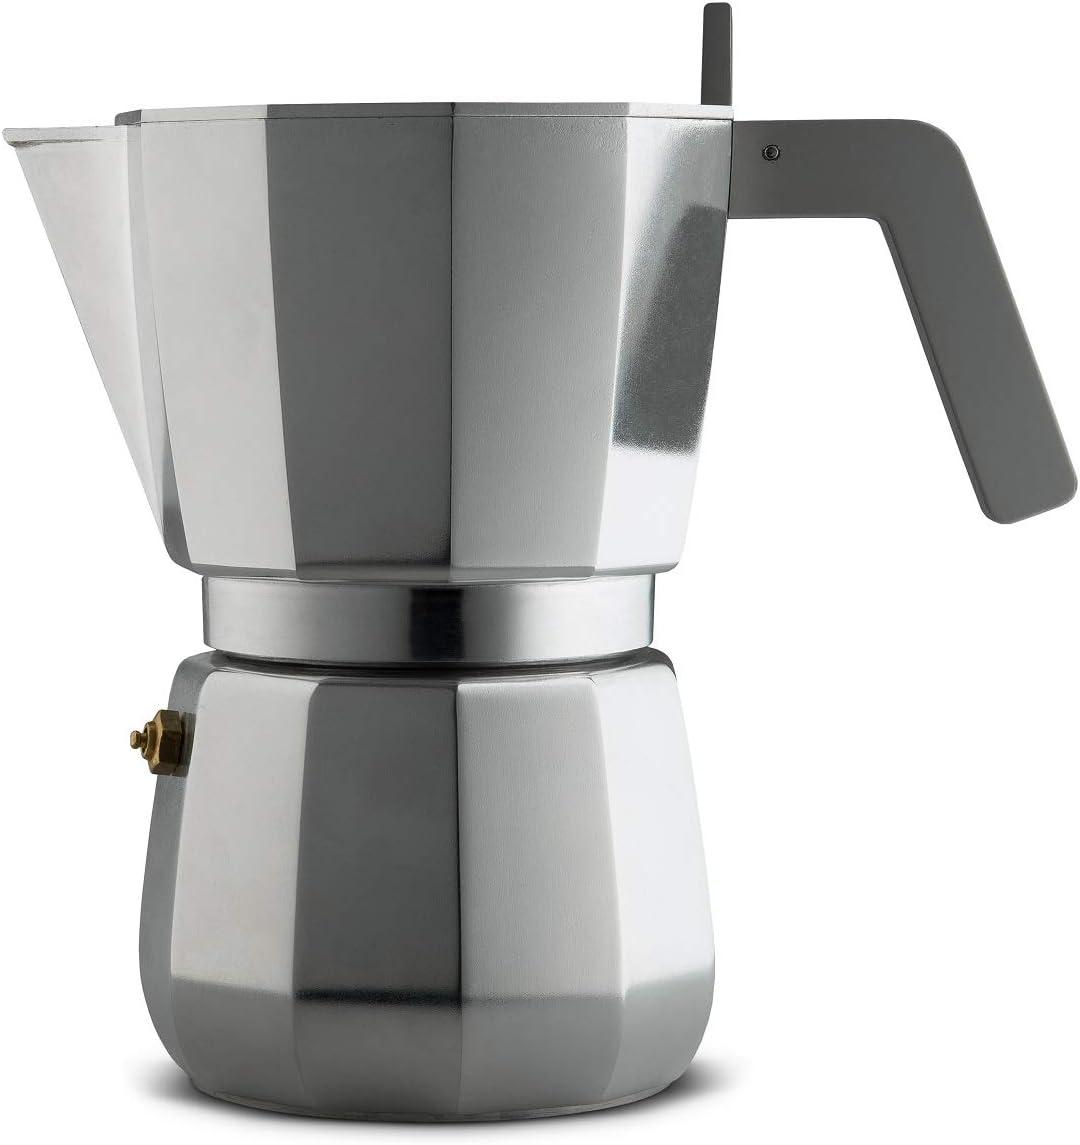 Alessi Moka Cafetera para café exprés de diseño en aluminio fundido mango y pomo en PA 9 tazas gris, Steel, acero inoxidable: Amazon.es: Hogar